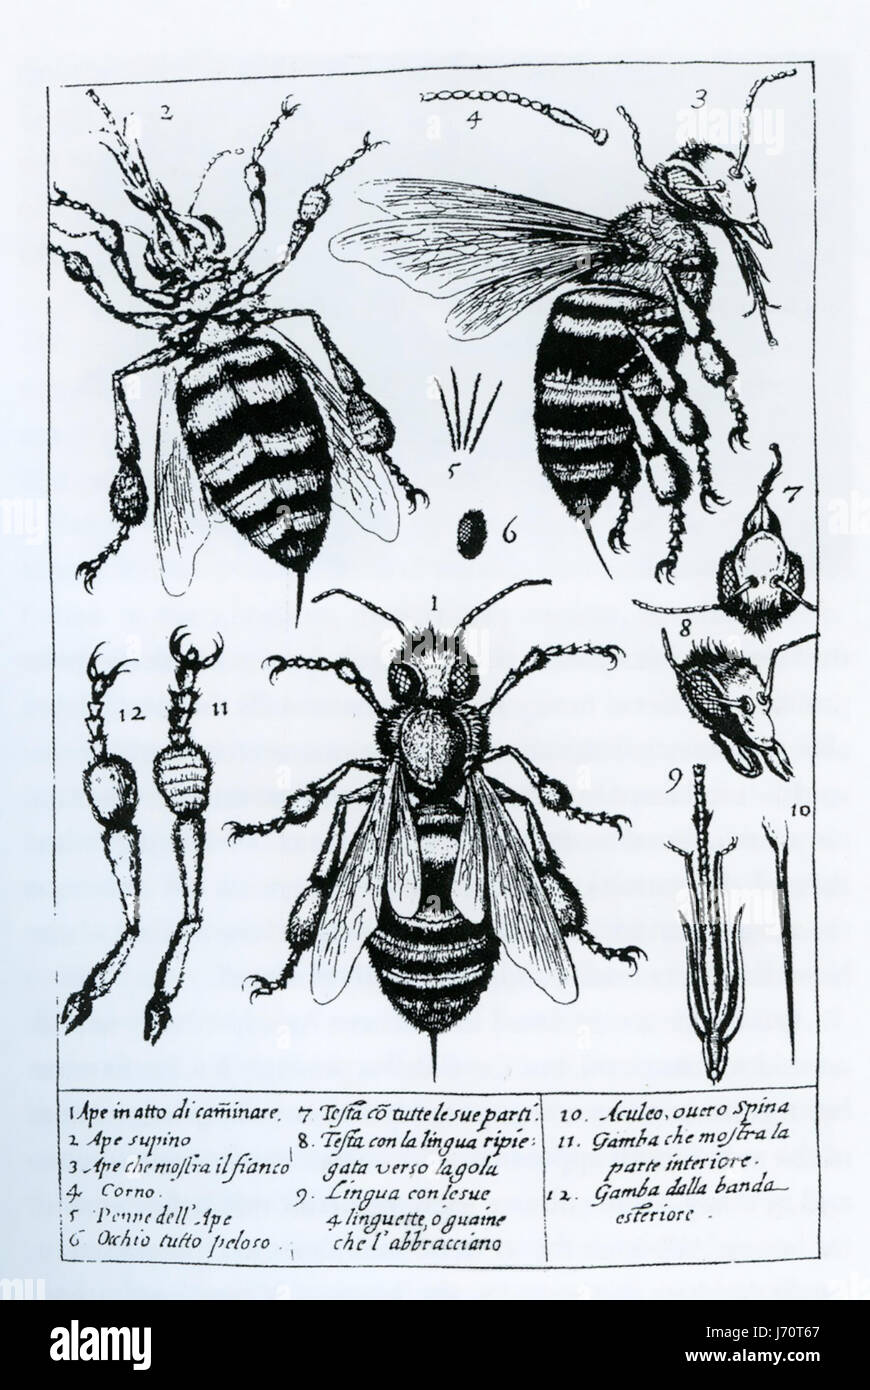 """FRANCESCO STELLUTI (1577-1652) italienischer Universalgelehrter. Mikroskop-Zeichnungen aus seiner 1630 Buch """"Persio Stockbild"""